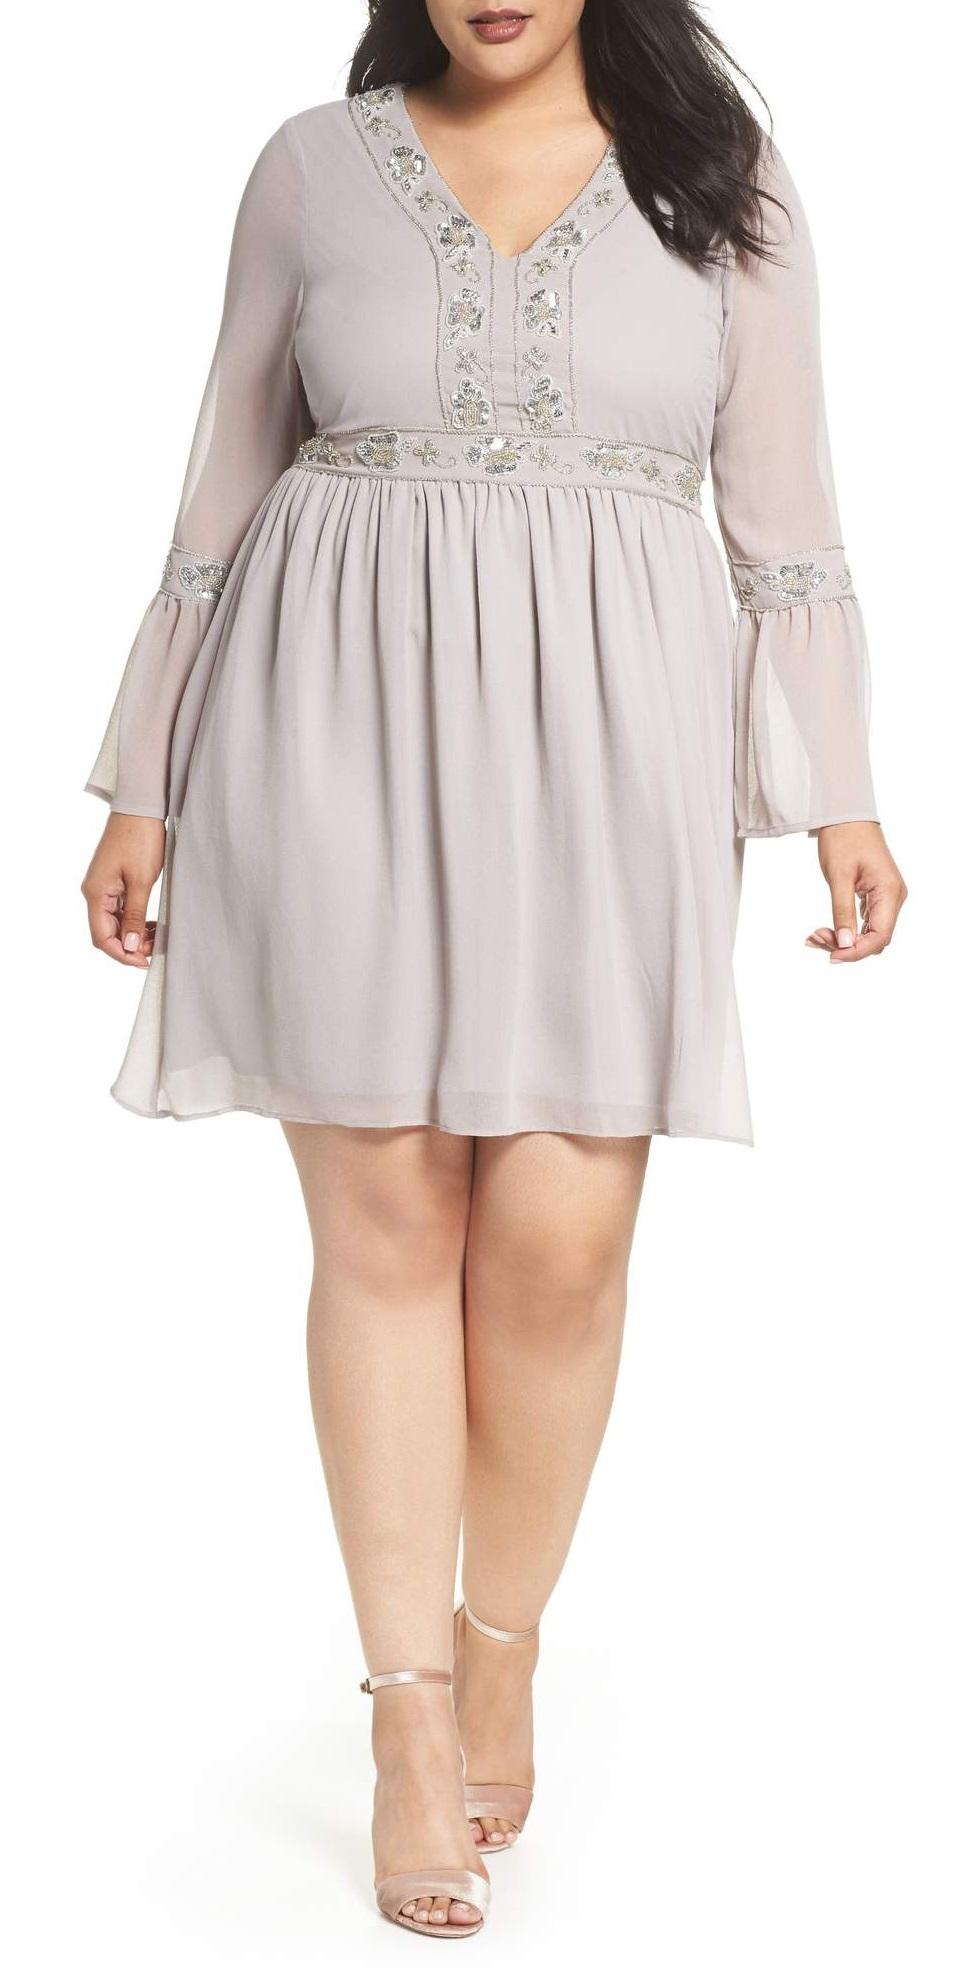 b5c78300e84 Spring Wedding Guest Dresses Plus Size